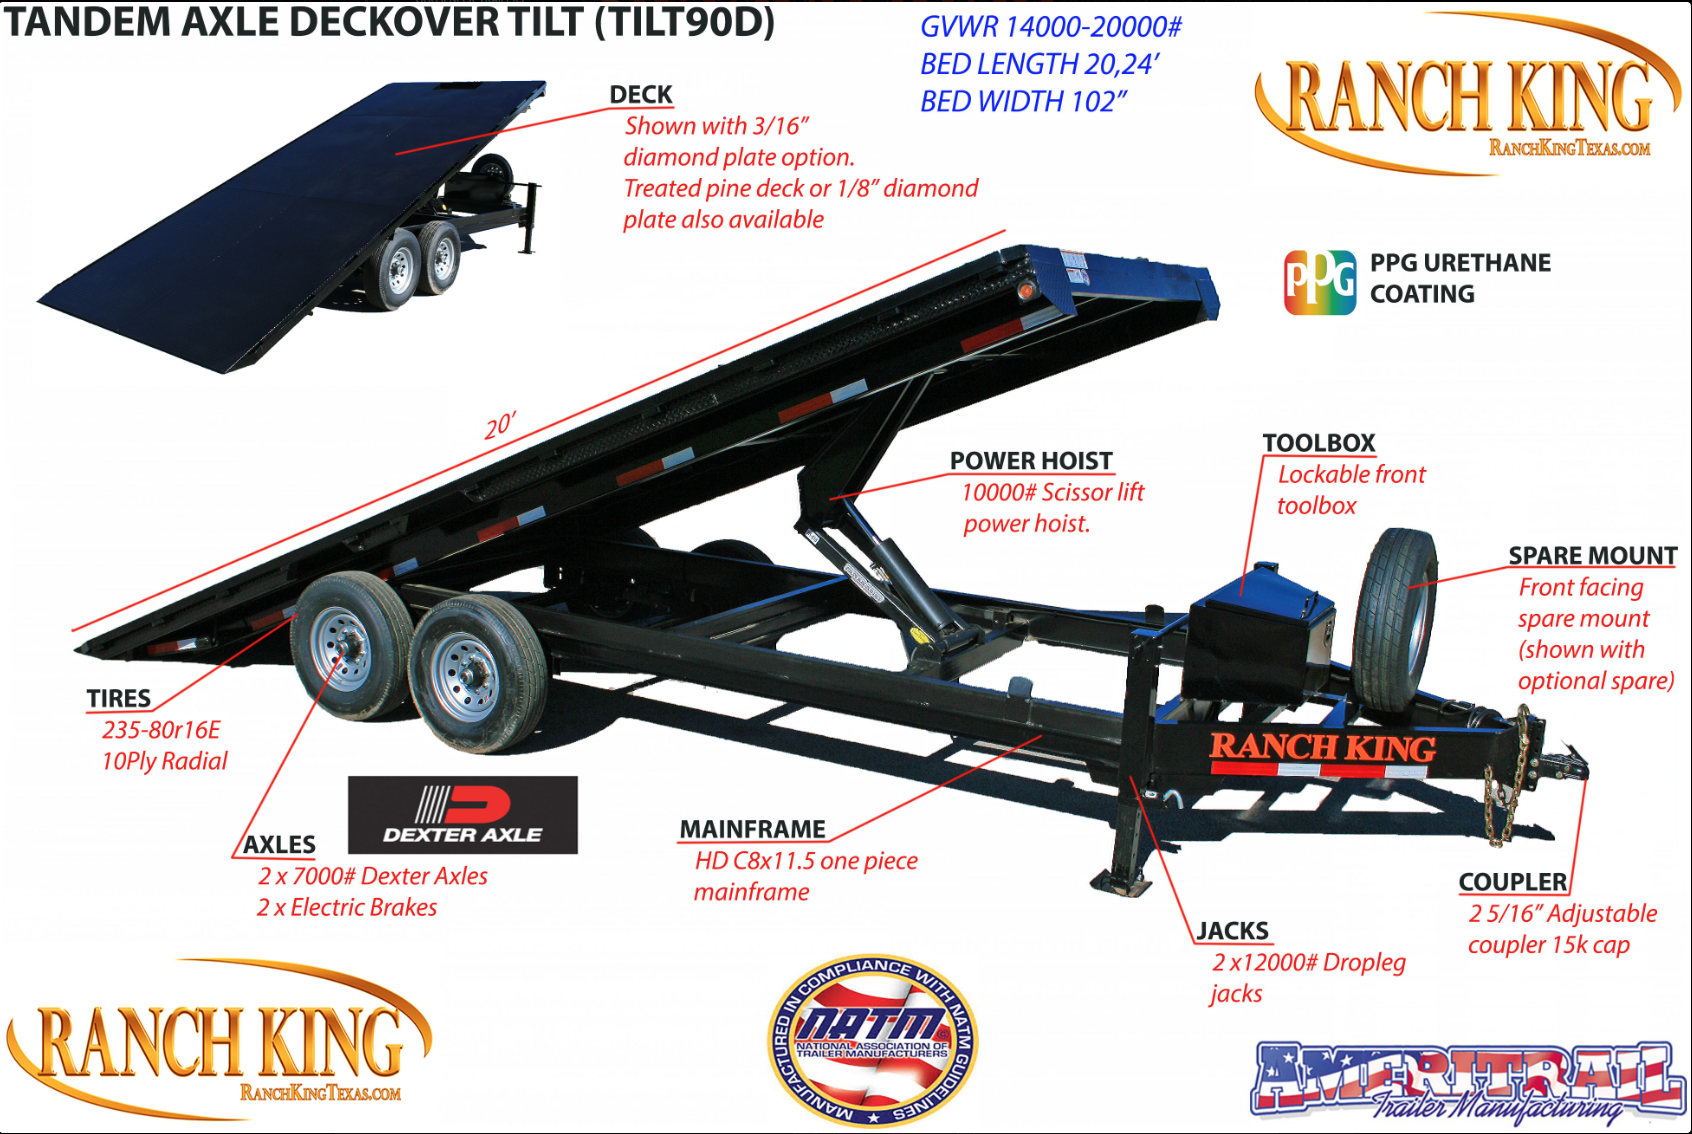 TILT90D Tandem Axle Deckover Tilt Trailer